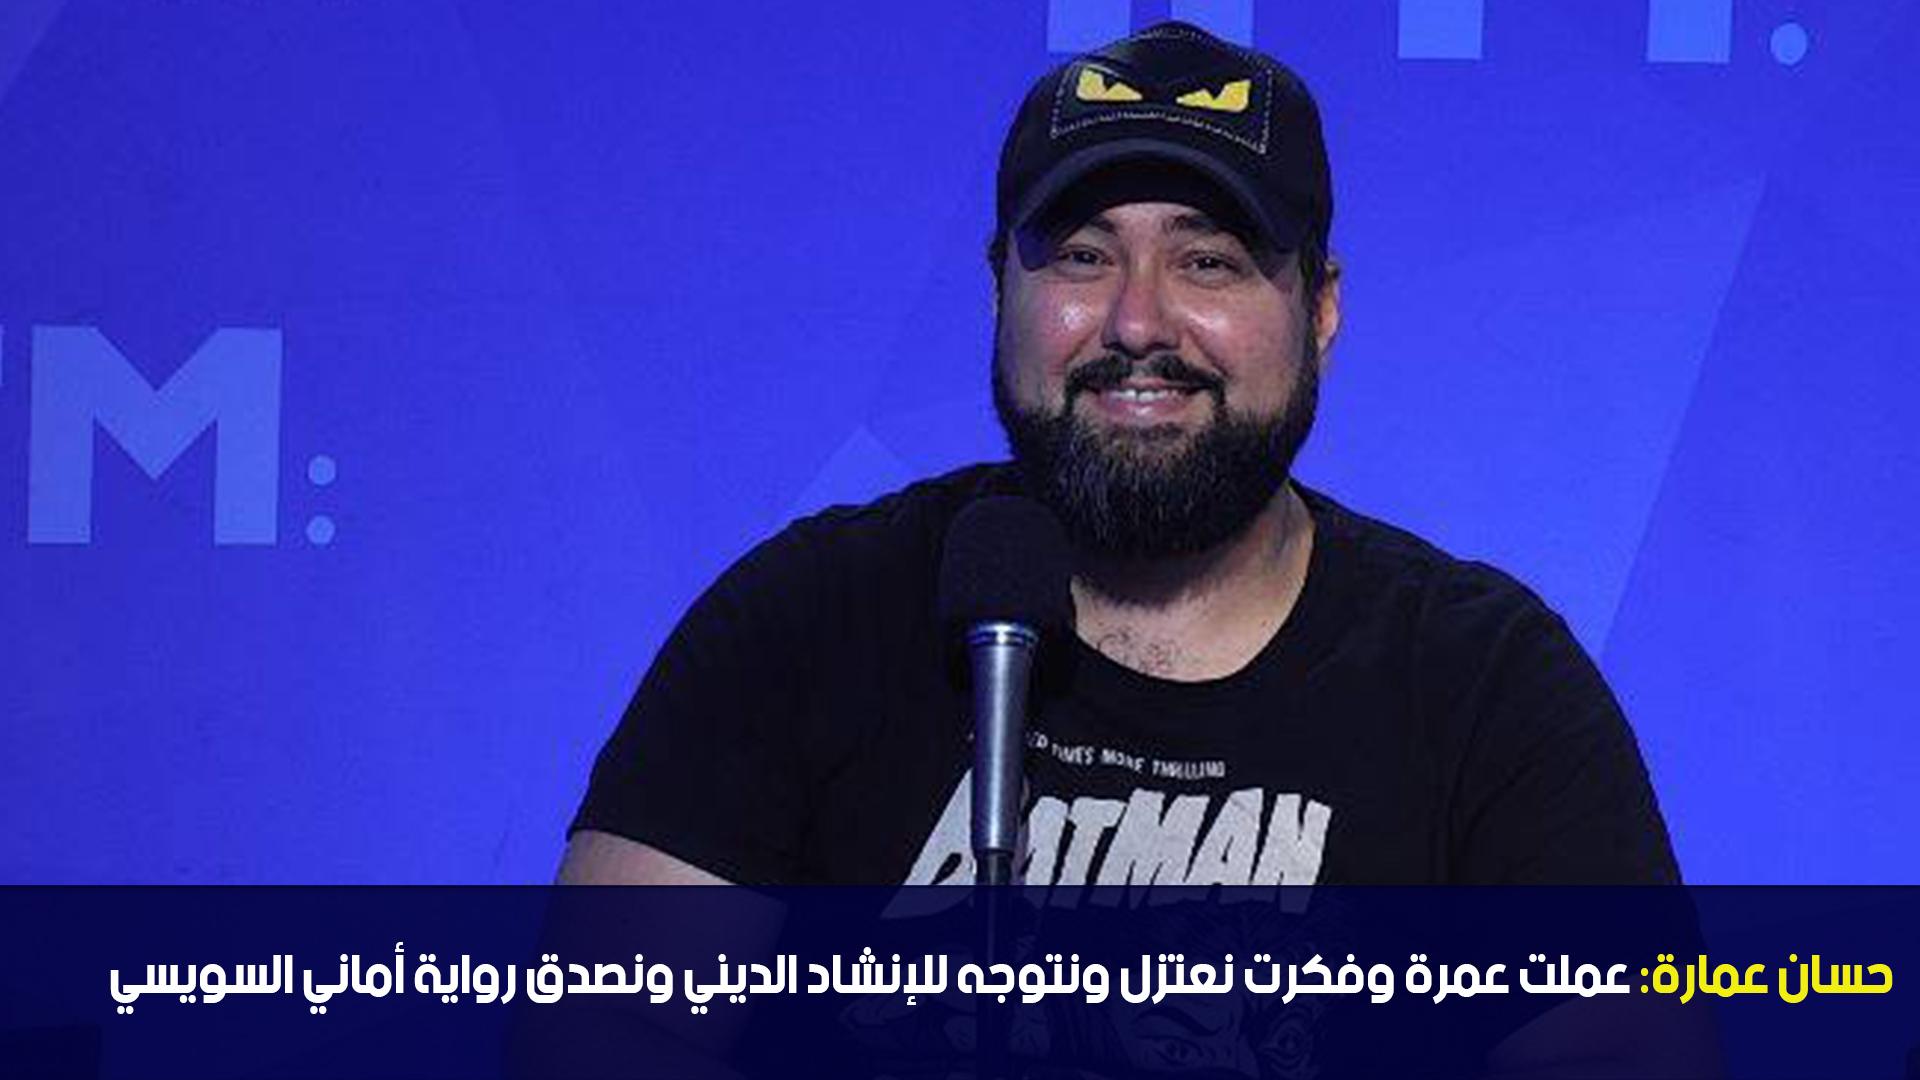 حسان عمارة: عملت عمرة وفكرت نعتزل ونتوجه للإنشاد الديني ونصدق رواية أماني السويسي